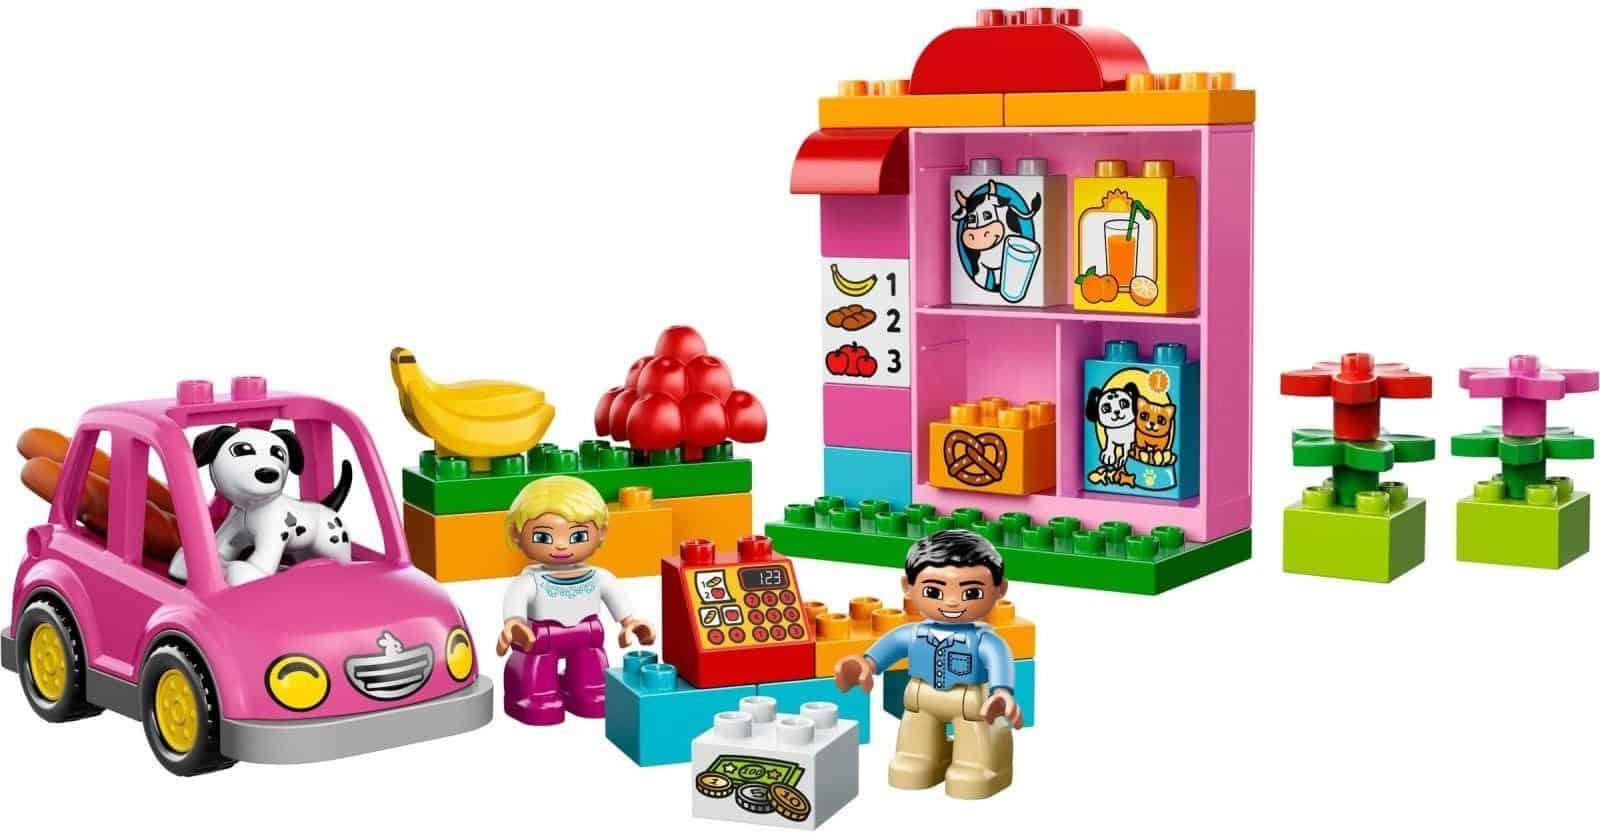 Hình thức bán đồ chơi trẻ em  là hình thức buôn bán siêu lợi nhuận đang thu hút sự chú ý của đông đảo người trẻ mang ý định khởi nghiệp. Việc tìm nguồn nhập hàng đồ chơi trẻ em là một trong những khó khăn cạnh tranh đối với các chủ shop mới bắt đầu kinh doanh và chưa có thương hiệu .Bài viết dưới đây của chúng tôi sẽ giúp bạn tìm kiếm nguồn hàng trẻ em Hong Kong giá sỉ lẻ.  Một số món đồ chơi phổ biến hiện nay -Đồ chơi có tính giáo dục Đồ chơi giáo dục góp phần trong việc tạo thành và lớn mạnh kỹ năng cũng giống như trí óc của trẻ. Không những thế việc mẫu mã cũng phụ thuộc vào độ tuổi để từ đó nắm được sự tăng trưởng trong từng giai đoạn để tạo nên những đồ chơi phù hợp với mọi lứa tuổi. -Đồ chơi gỗ Chất liệu đồ chơi là sự quan tâm hàng đầu của những bậc phụ huynh khi chọn lựa đồ chơi cho con trẻ. Mang chất liệu gỗ từ tự nhiên, các bậc phụ huynh sẽ cảm thấy an toàn hơn, hơn thế nữa hiện nay đồ chơi gỗ đã được cải tiến và mẫu mã với đa dạng bề ngoài đẹp hơn và cá tính hơn, không còn thô sơ như trước.  -Đồ chơi mô hình Đồ chơi mô hình là một món đồ chơi mô phỏng theo những đồ vật, thiết bị thật, được thu nhỏ theo tỷ lệ.  Nguồn hàng trẻ em hong kong giá sỉ lẻ ở đâu? - Ở các chợ đầu mối Chợ đầu mối hiện đang là địa chỉ lấy buôn đồ chơi trẻ em giá sỉ hàng đầu hiện nay. Tại đây các mặt hàng đồ chơi trẻ em được bày bán với đa dạng các mẫu mã, chủng loại, chất liệu từ cao cấp cho đến bình dân bạn có thể nhập về buôn bán.  -Nhập hàng trực tiếp từ nhà sản xuất Với nhu cầu tìm mua các sản phẩm chất lượng, chính hãng, có uy tín thương hiệu trên thị trường như hiện nay thì nhập hàng trực tiếp từ nhà sản xuất là một trong những lựa chọn hoàn hảo bạn nên cân nhắc nhé. Khi nhập hàng tại đây, bạn hoàn toàn có thể yên tâm về chất lượng, độ an toàn của sản phẩm cũng mà không cần phải mất tiền qua trung gian. -Nhập hàng từ nước ngoài Ngoài các nguồn hàng đồ chơi trẻ em trong nước, bạn cũng có thể tham khảo thêm một số địa chỉ nhập hàng từ các nước như: Trung Quốc, Hồng Kông, Đài Loan,